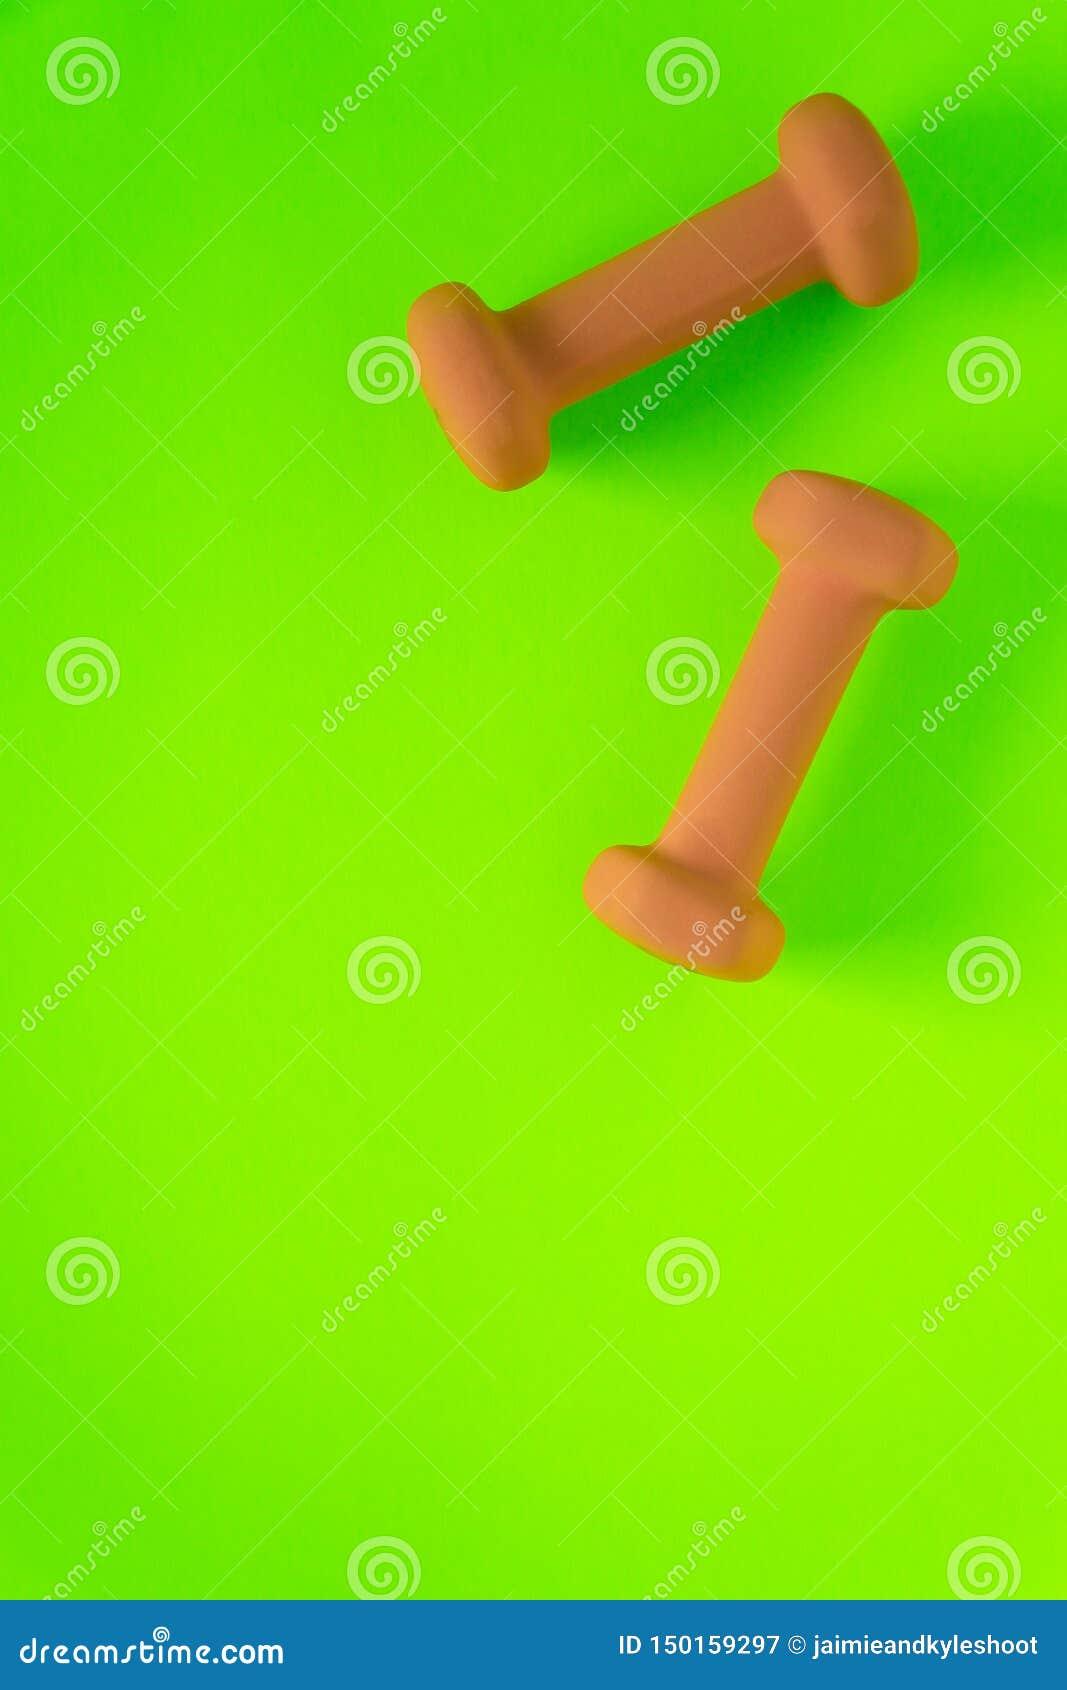 Sprawności fizycznej wyposażenie z kobiety żółtą pomarańcze weights/dumbbells odizolowywających na wapno zieleni z copyspace tłem